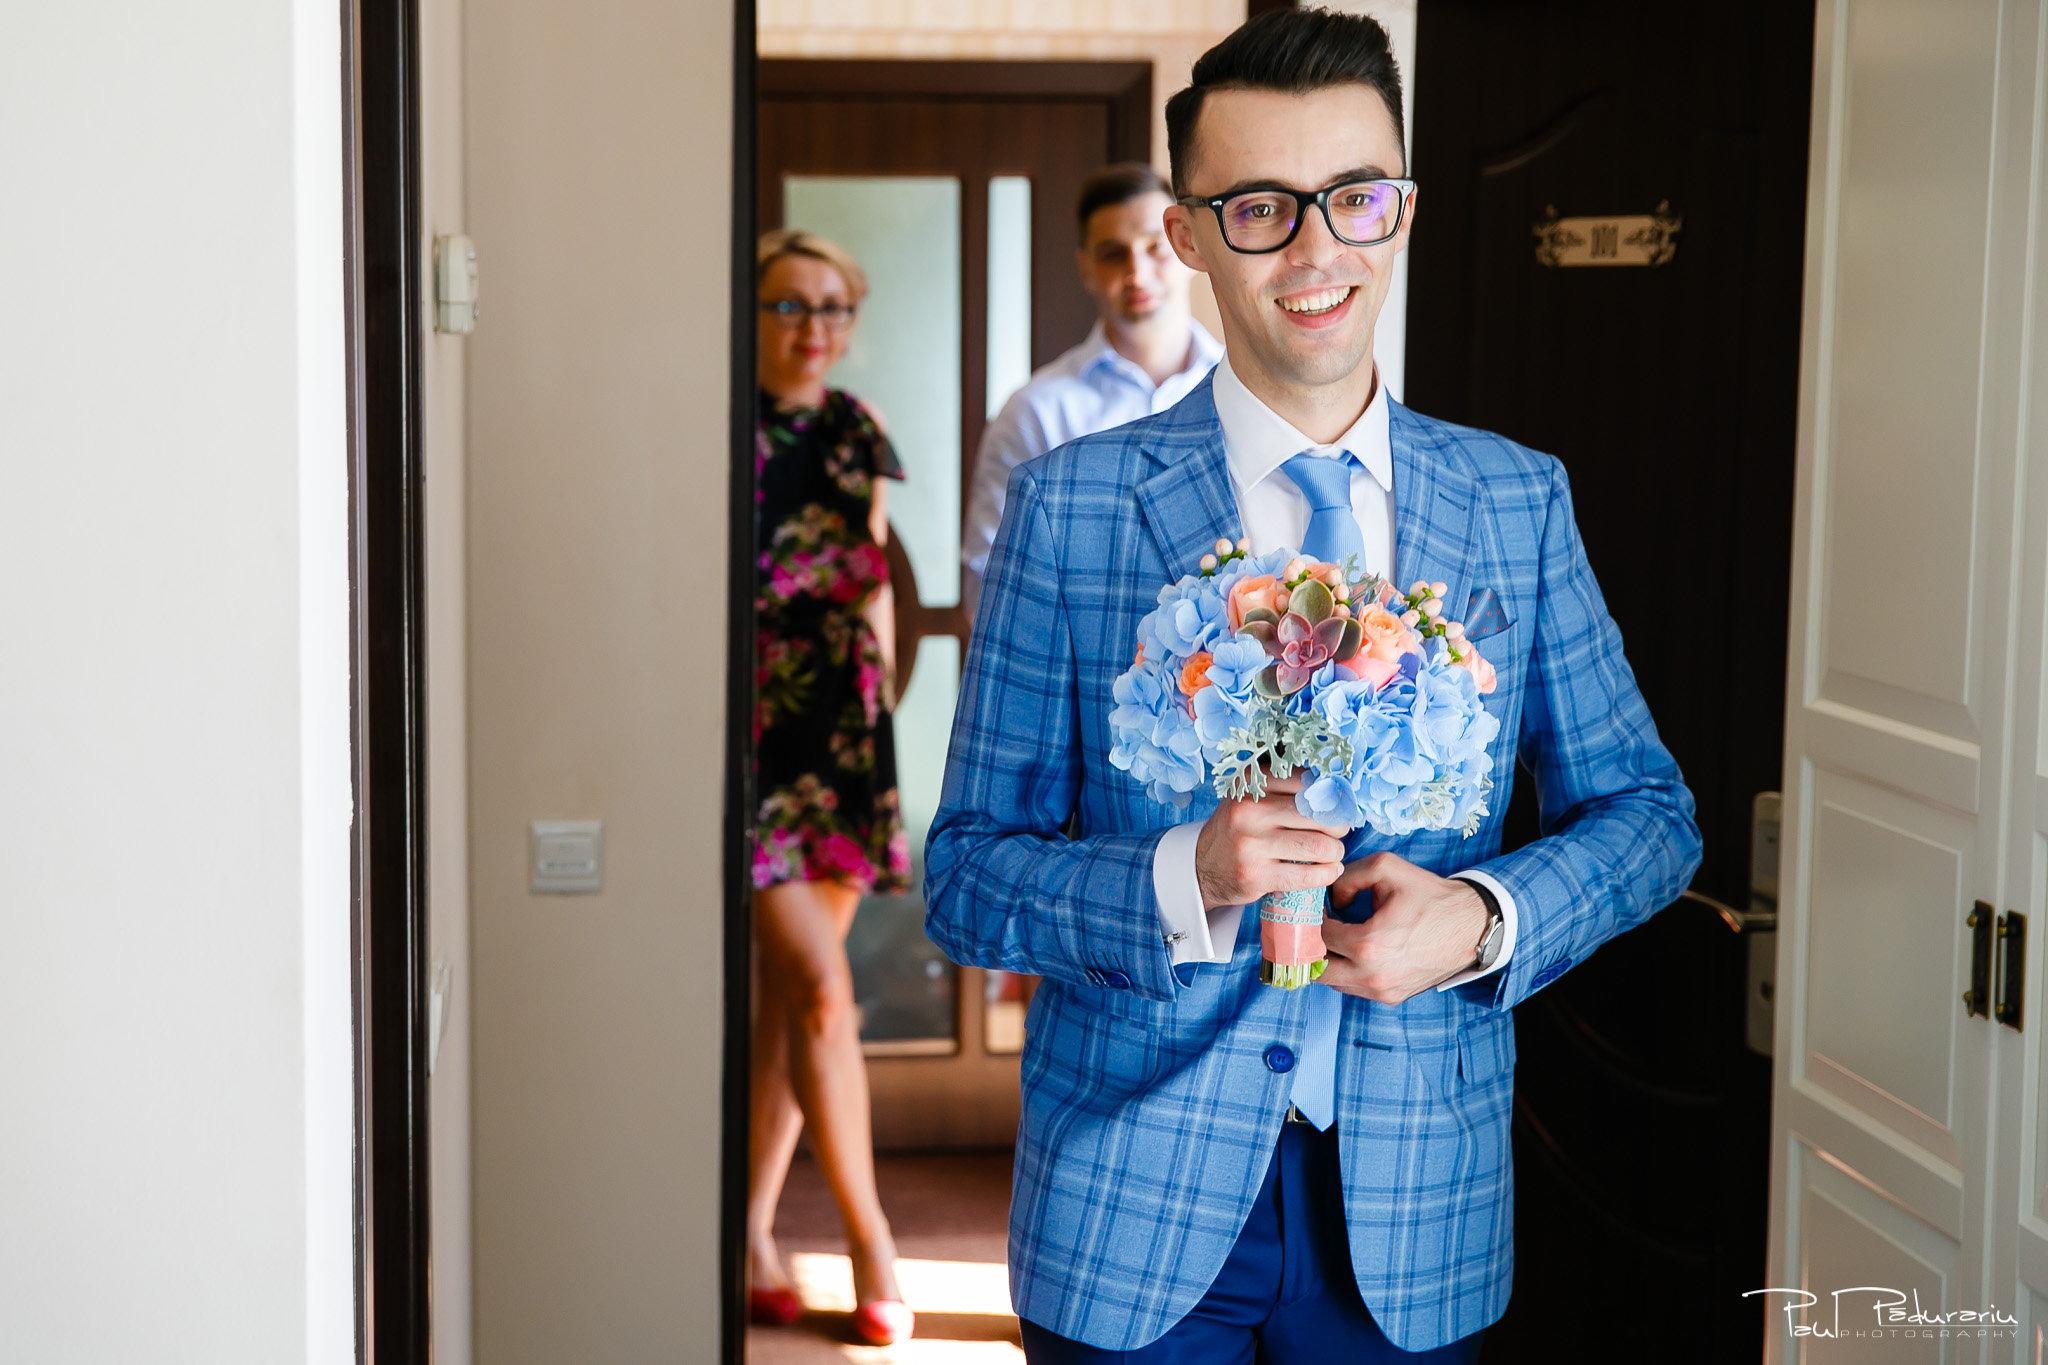 Roxana si Silviu Nunta Hotel Eden Iasi - reactie mire la vederea miresei - fotograf profesionist nunta www.paulpadurariu.ro © 2017 Paul Padurariu